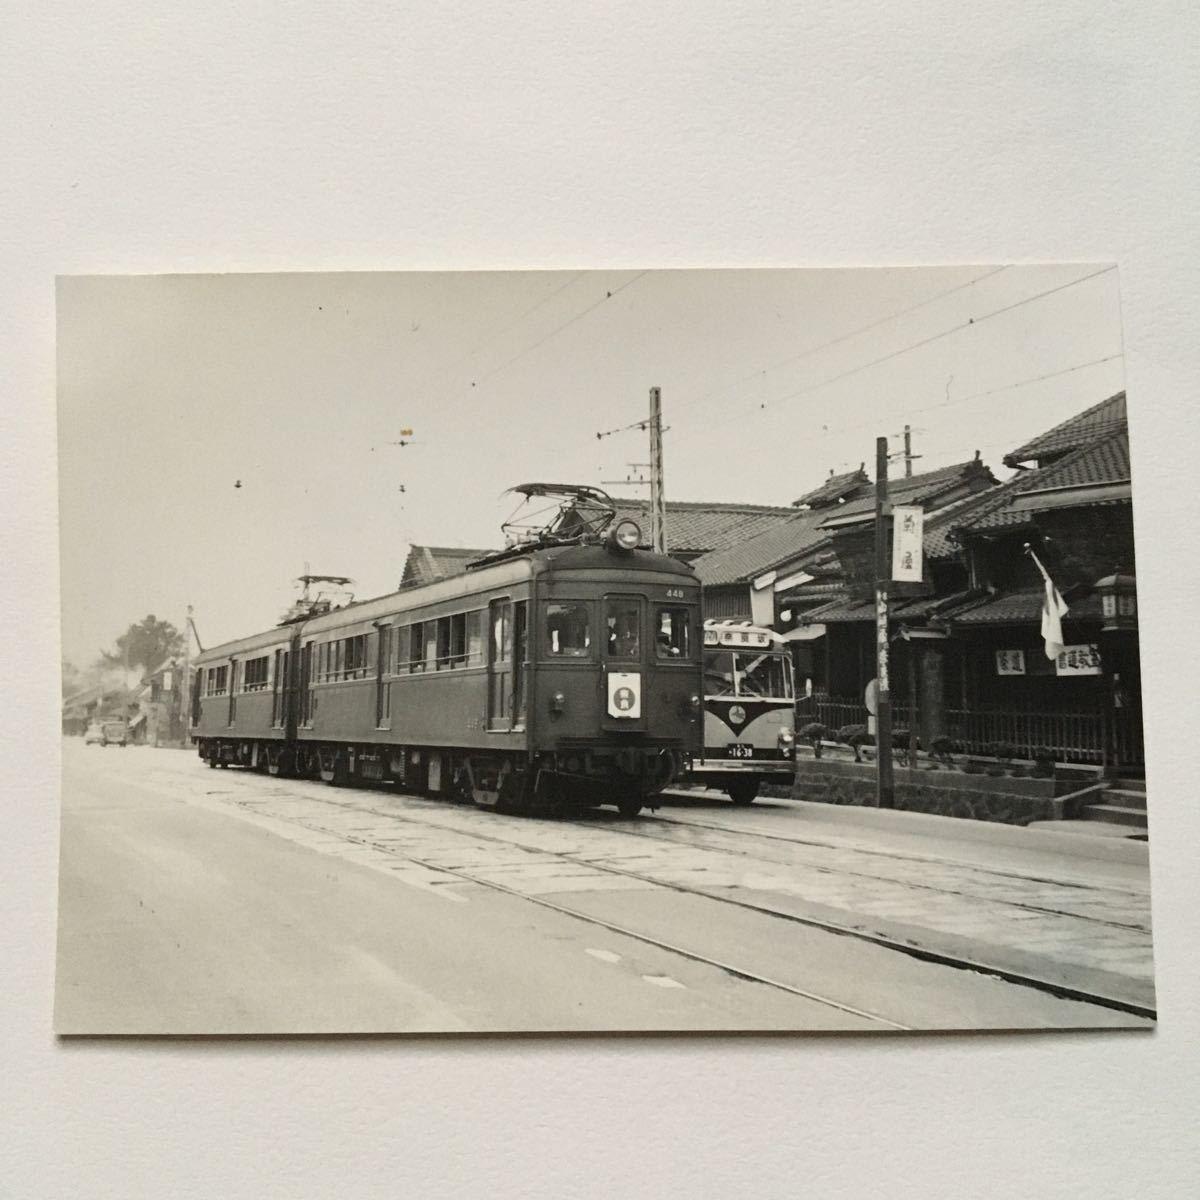 【鉄道写真】近鉄奈良線448形/1965年9月◆近鉄奈良付近